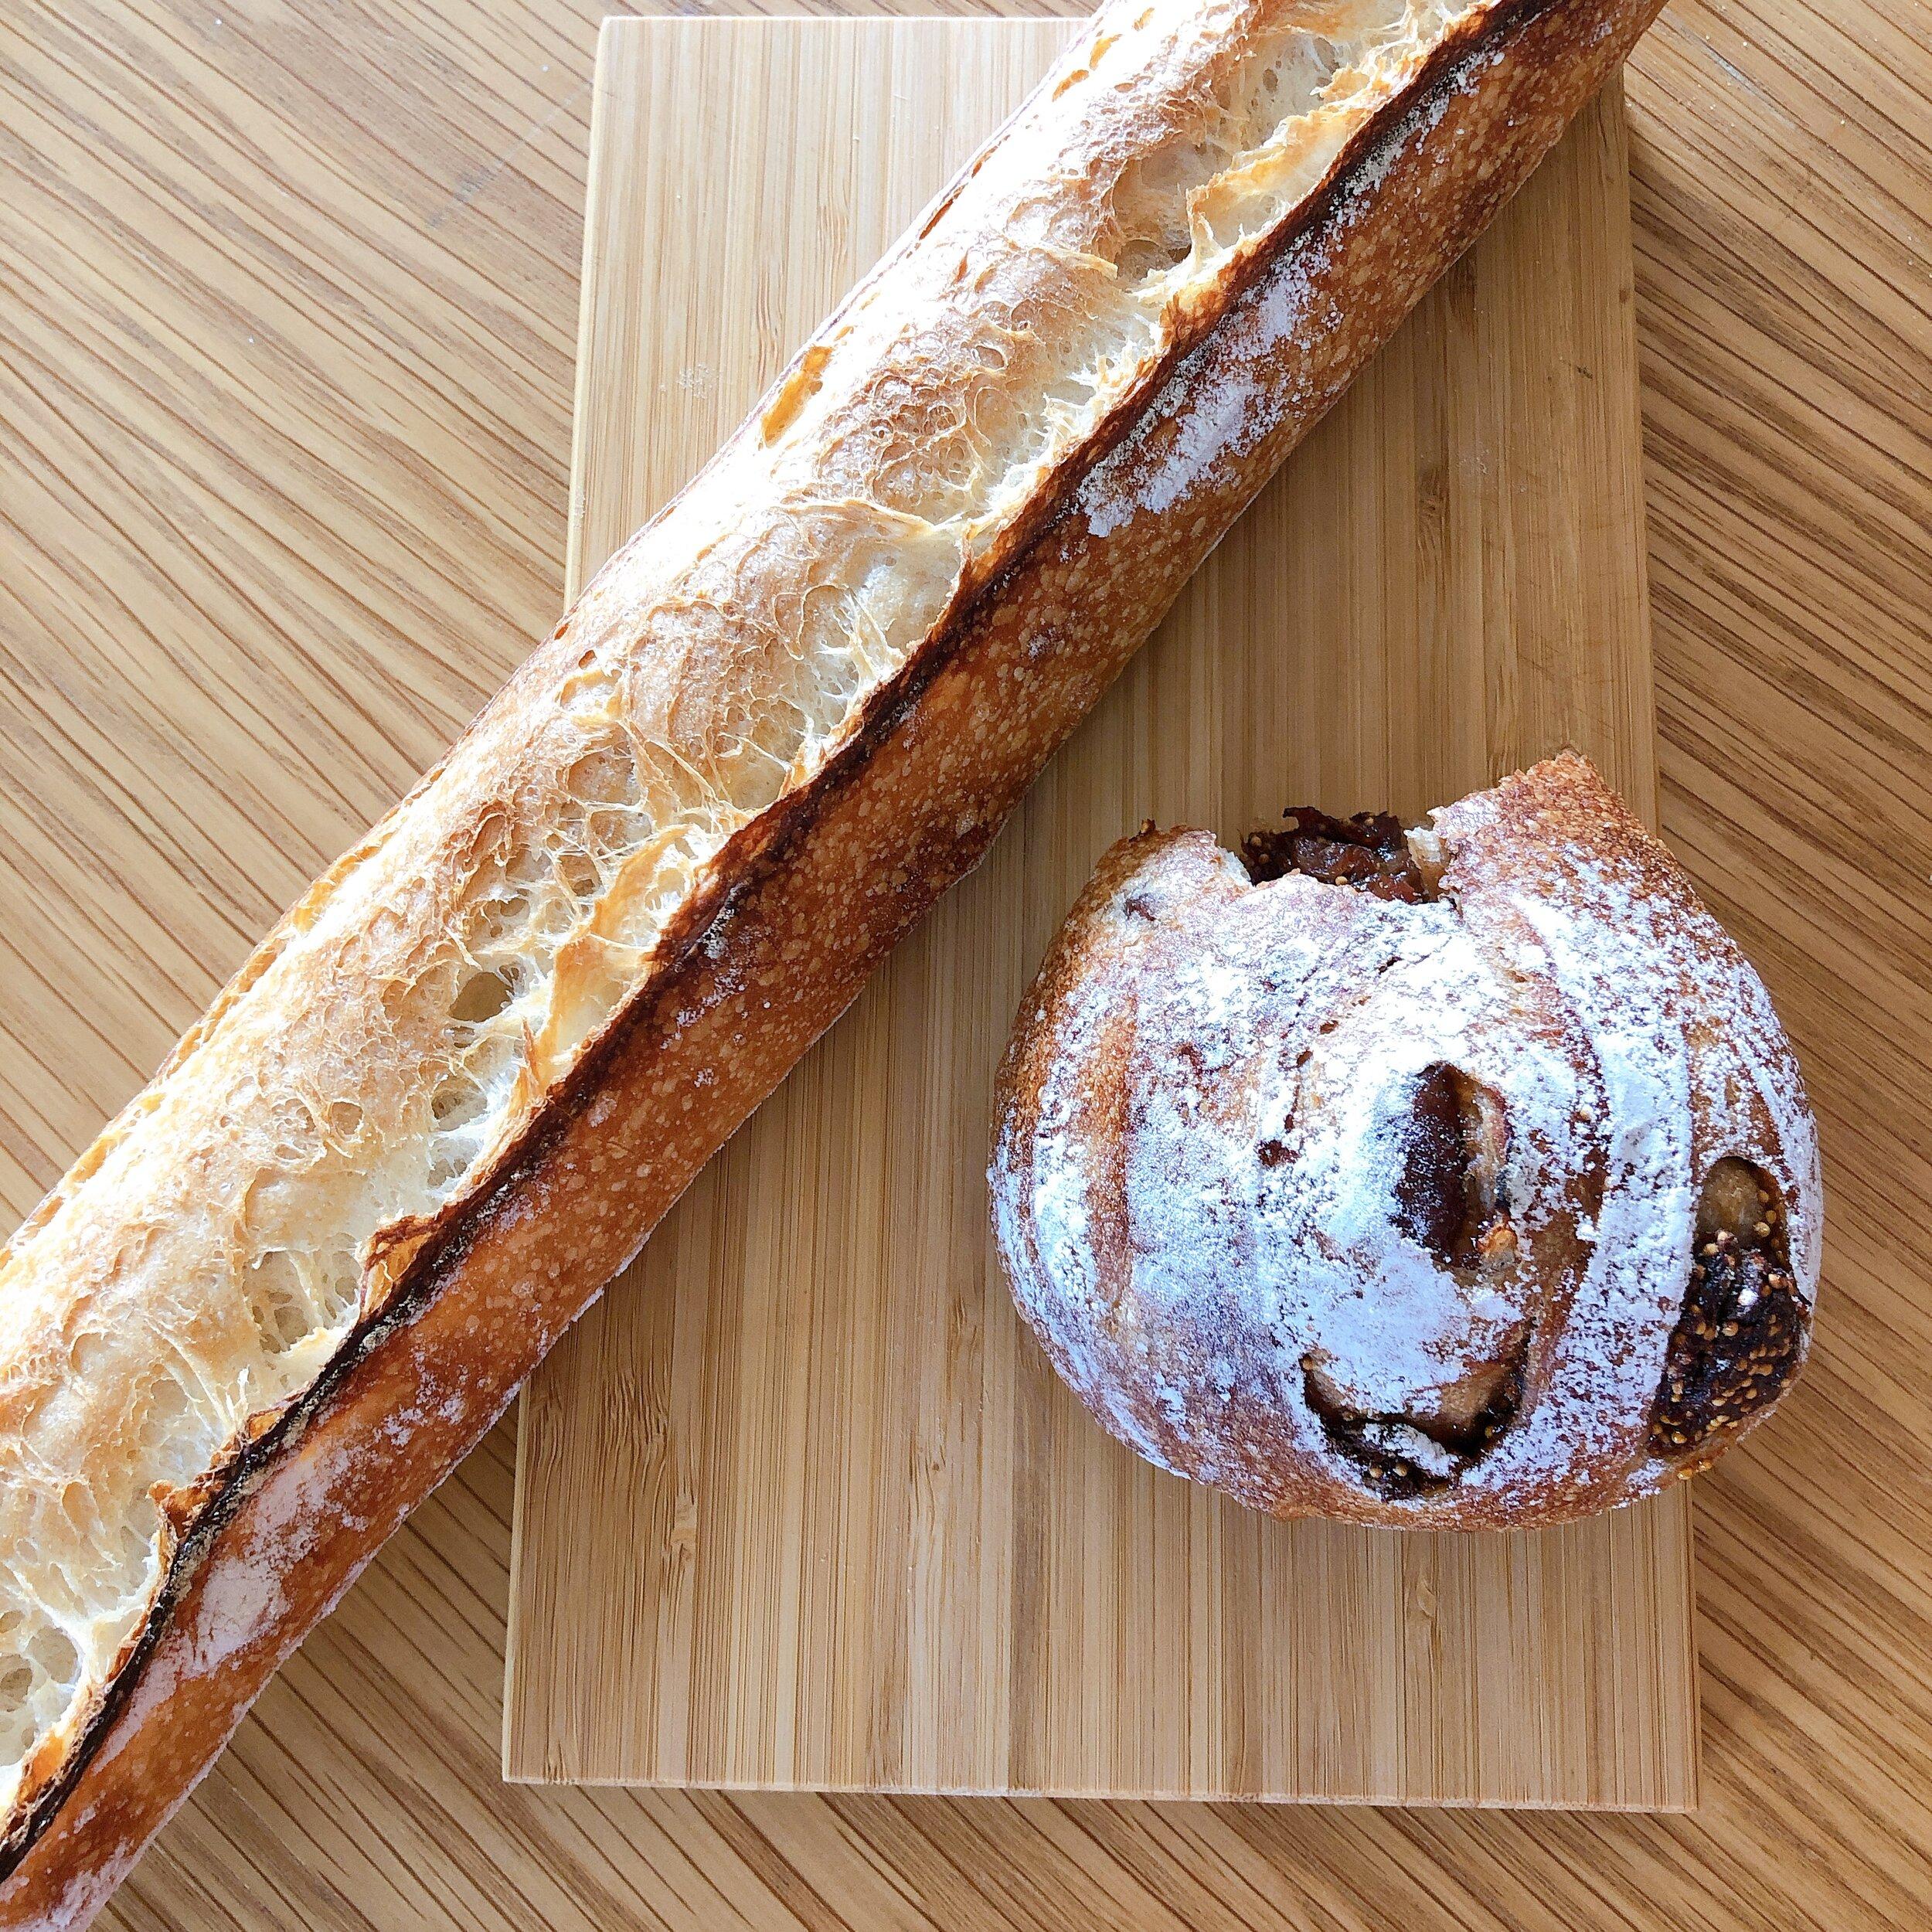 例えば、家の近くのお気に入りのパン屋に行って、焼きたてパンをいただいたり。(家から1キロの幸せ)